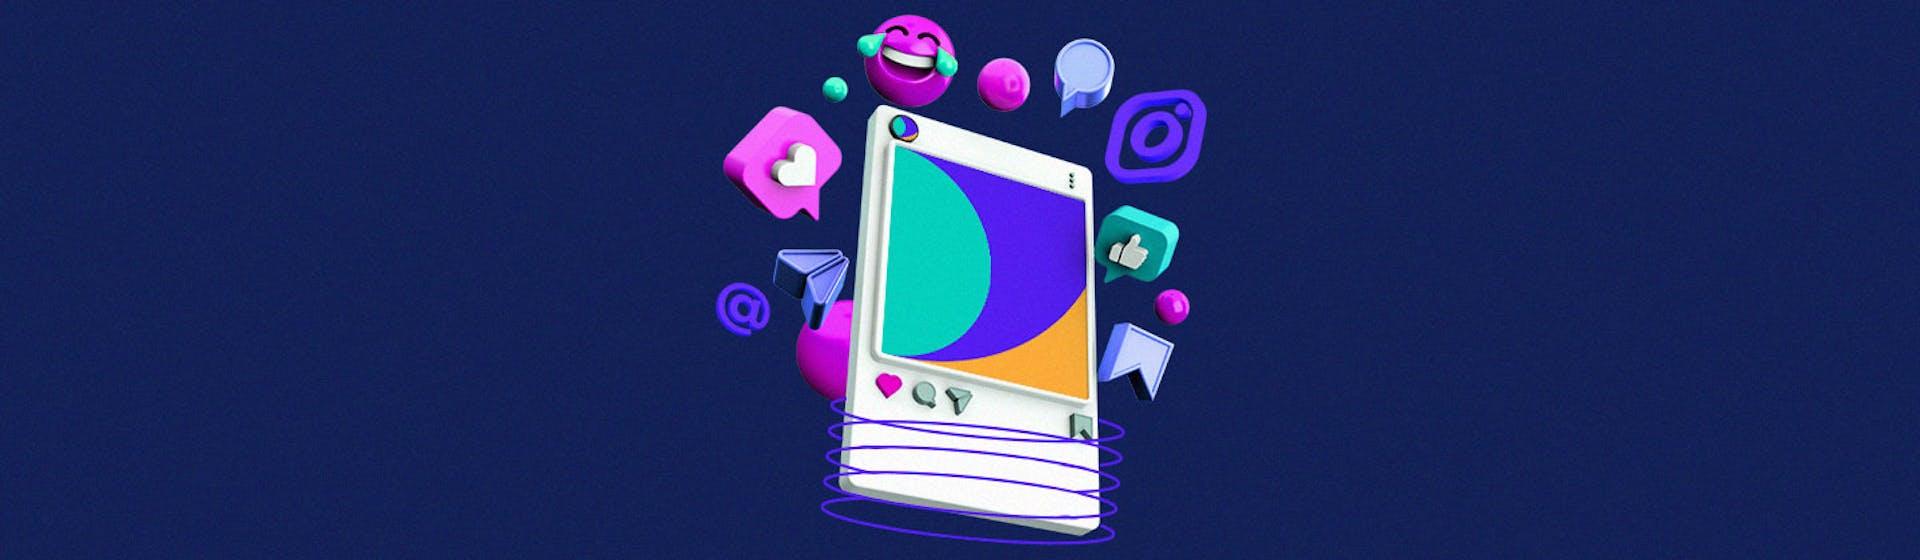 7 poderosas herramientas de Instagram para aumentar tu presencia en redes sociales